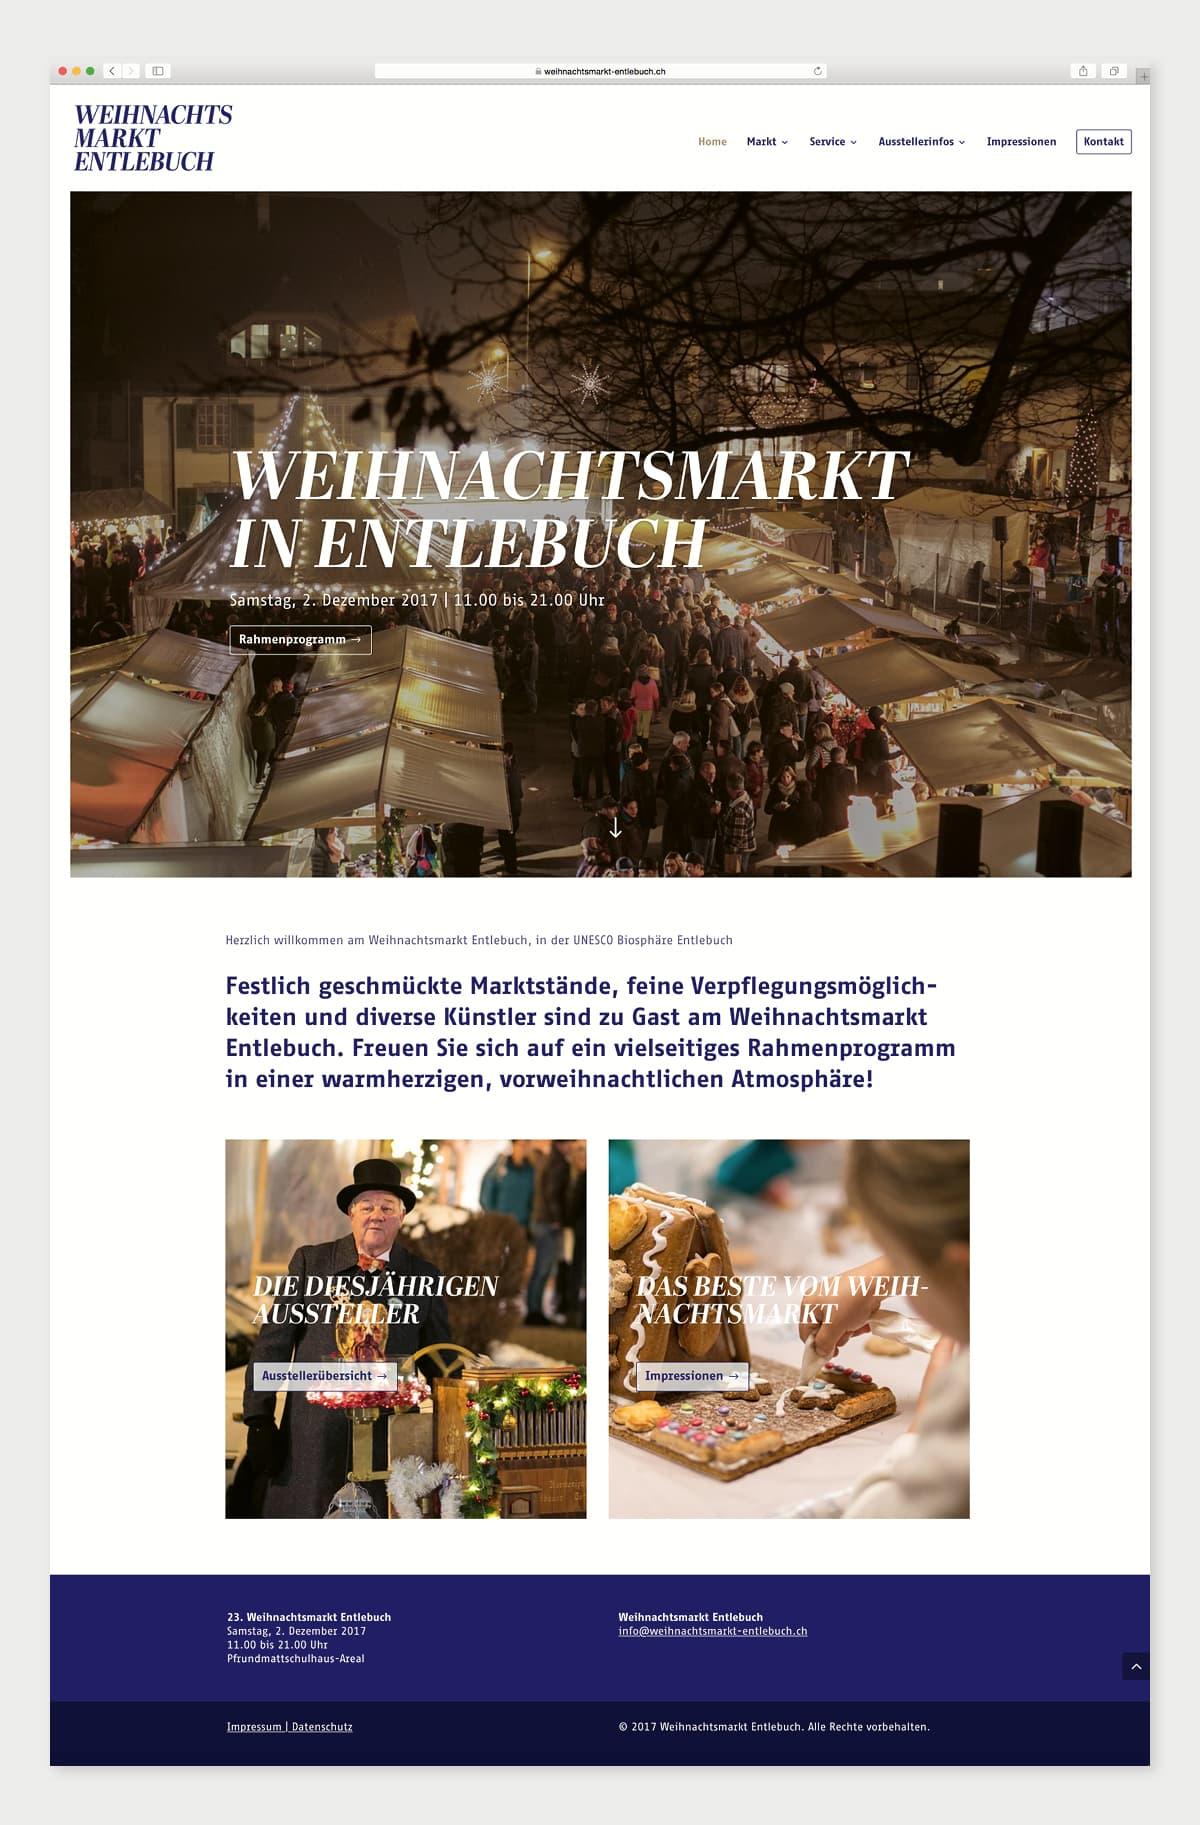 Website Weihnachtsmarkt Entlebuch Home-Seite